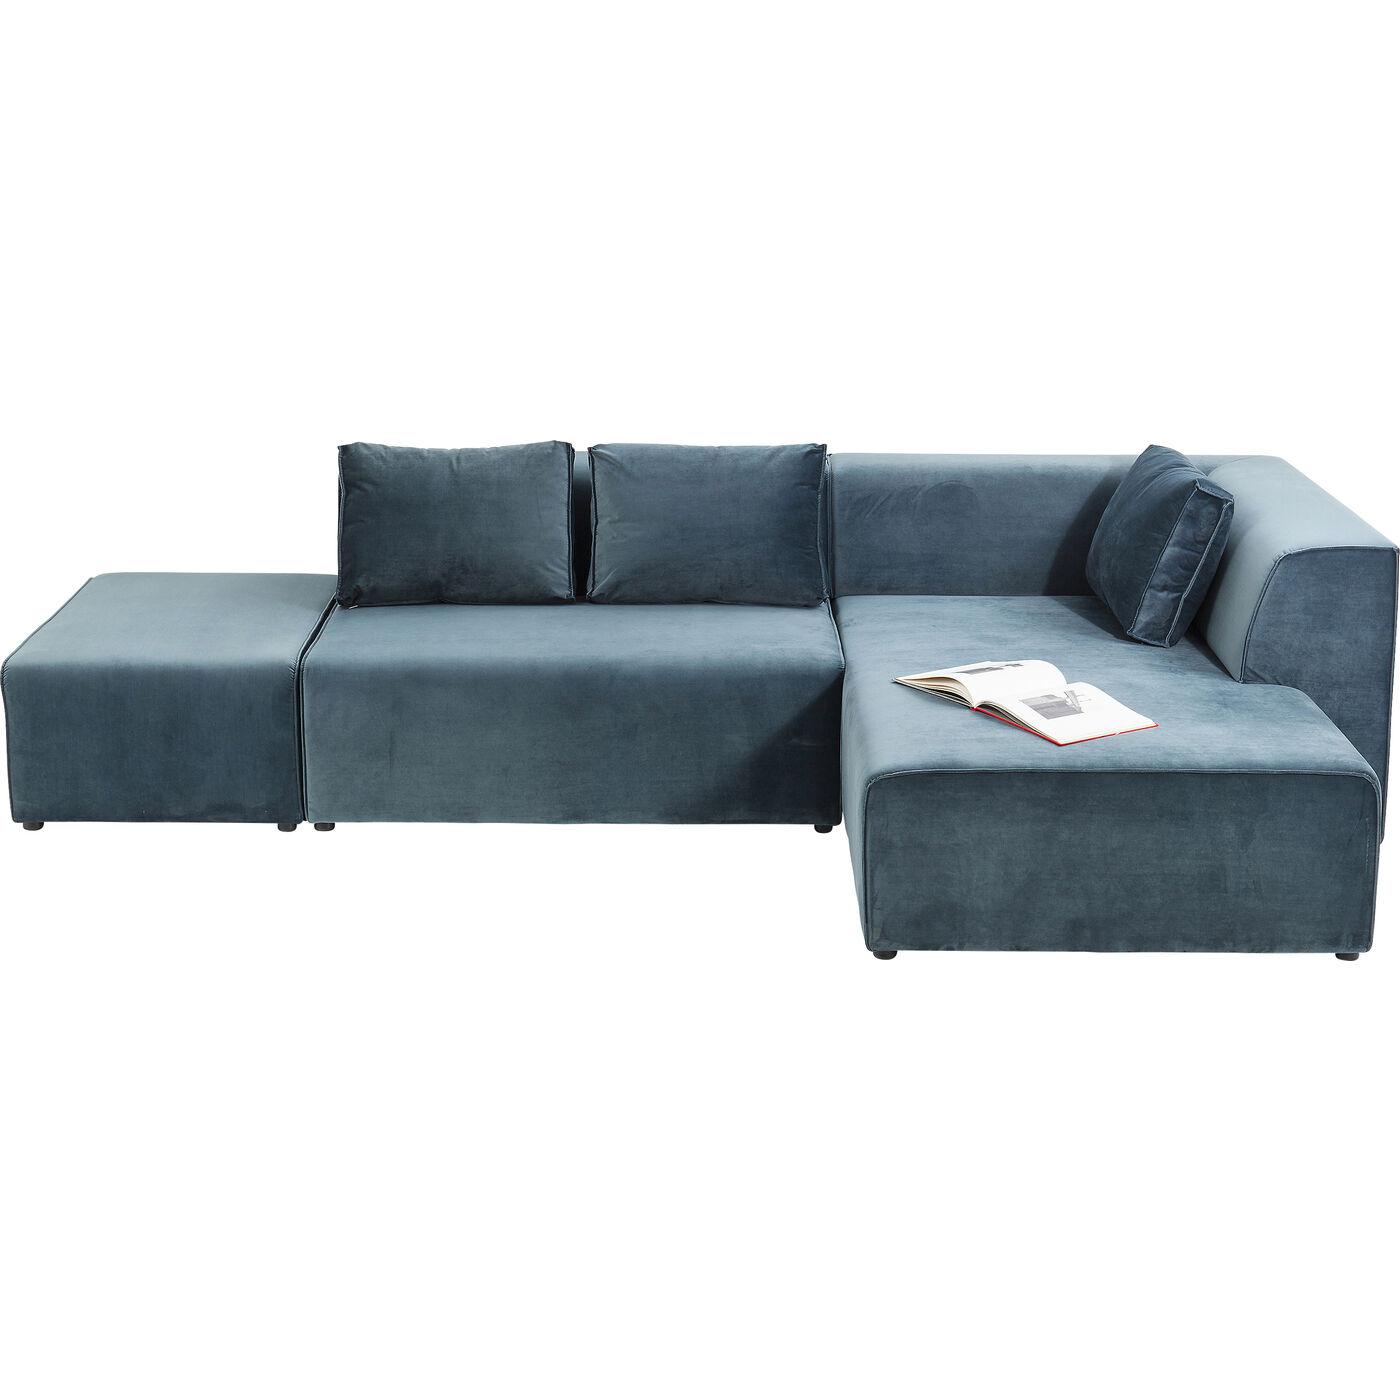 Sofa Infinity Velvet Ocean Rechts